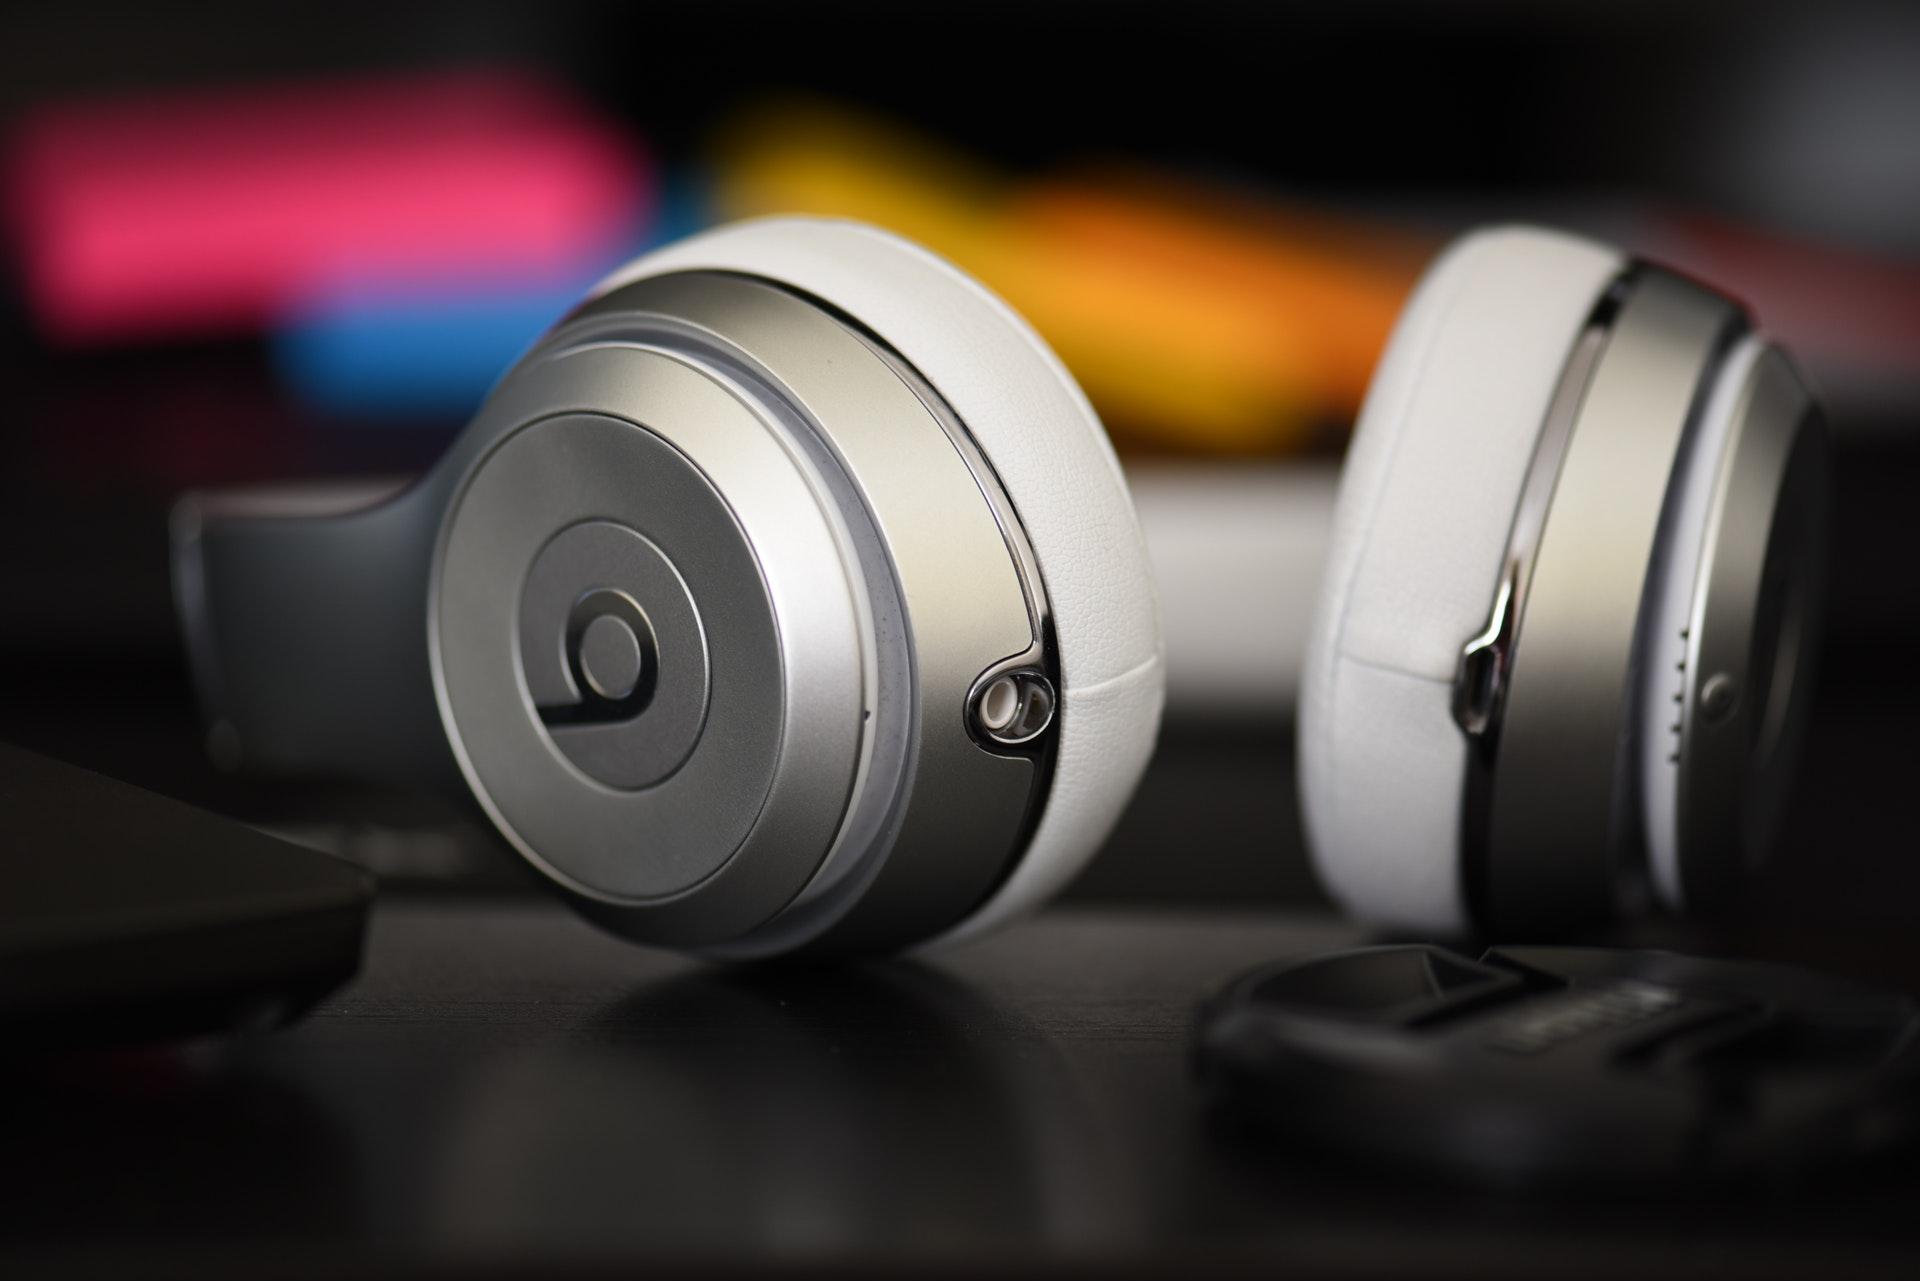 Como configurar o headset bluetooth com microfone no Ubuntu, Mint (Debian)